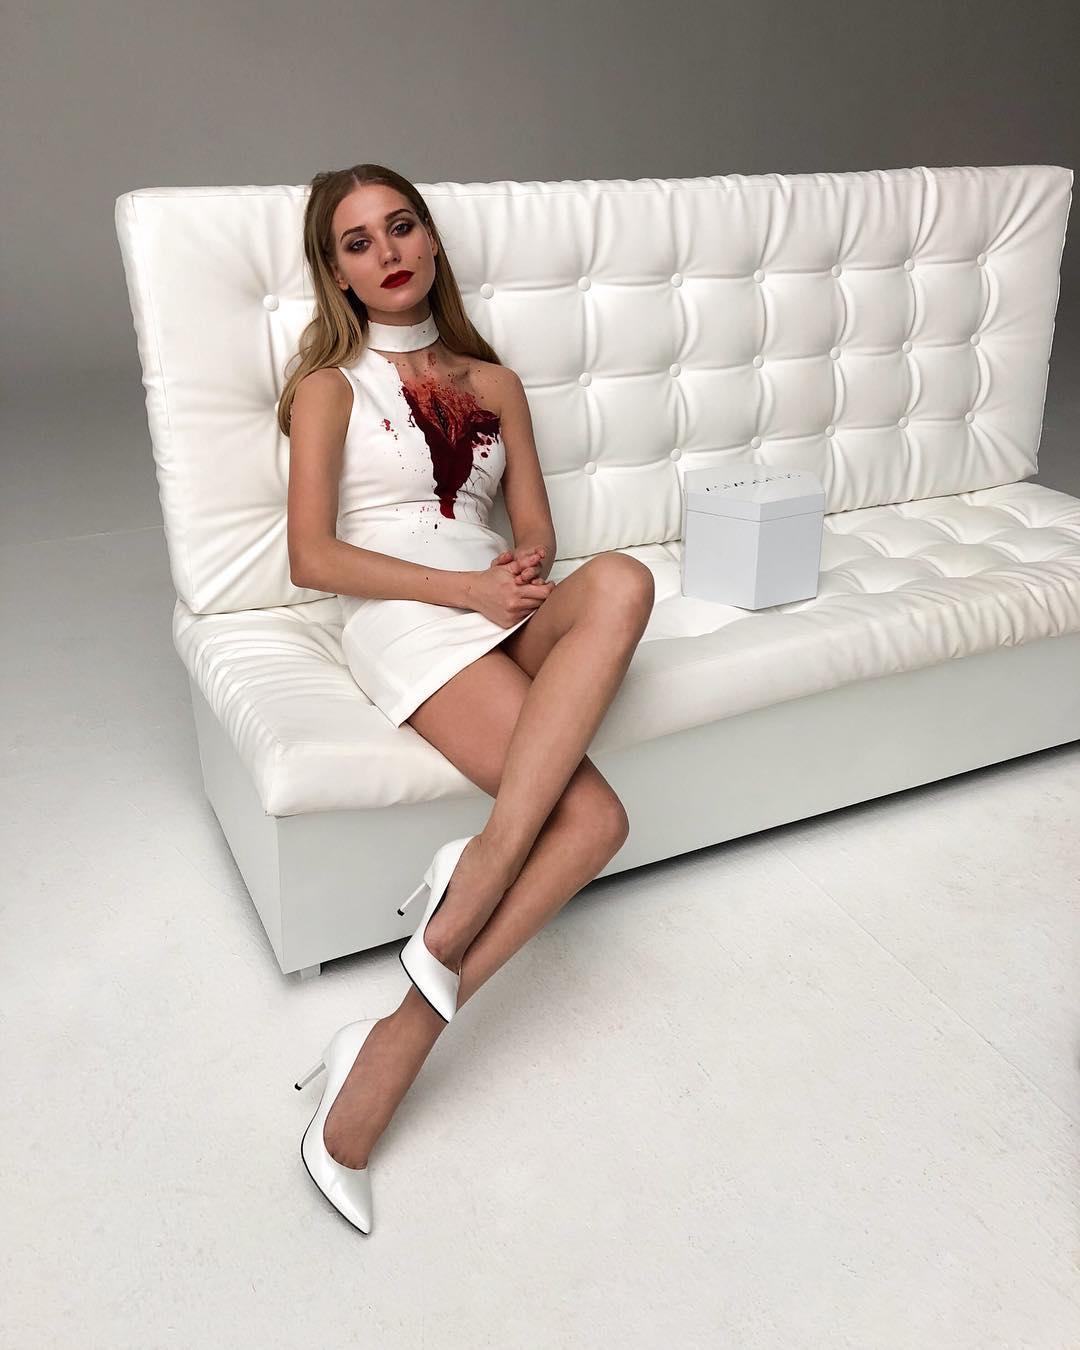 Кристина Асмус призналась, почему не носит короткие платья e9503d35e59